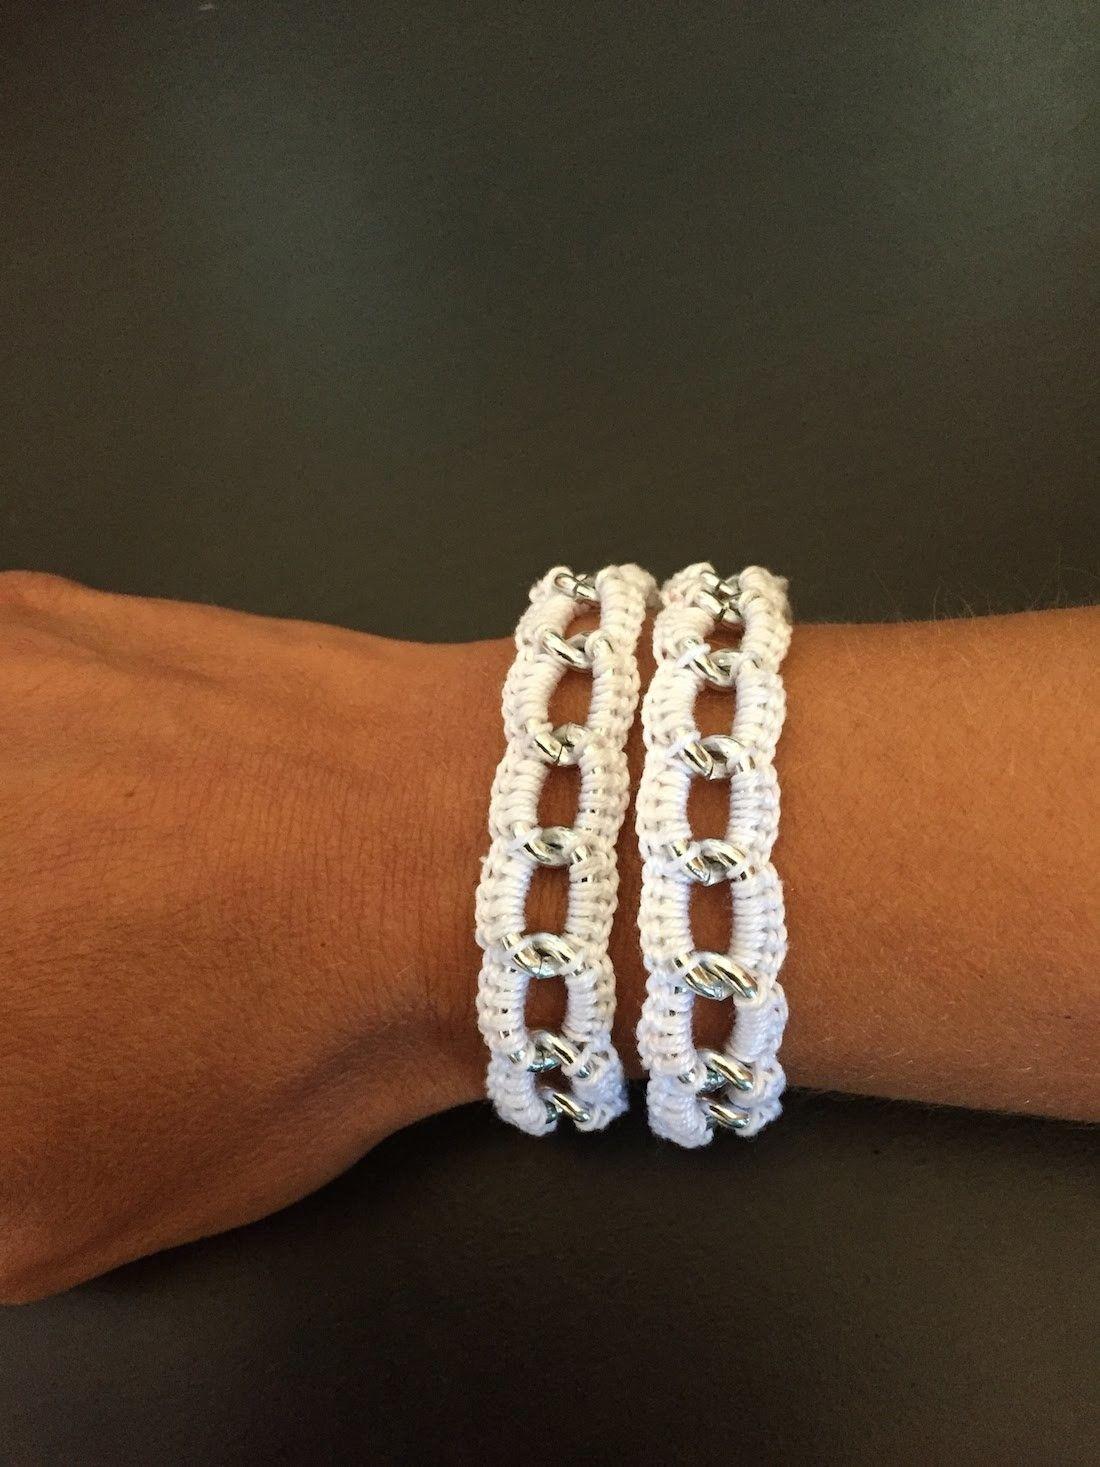 tuto facile bracelet au crochet id es pinterest le crochet bracelets et tuto. Black Bedroom Furniture Sets. Home Design Ideas